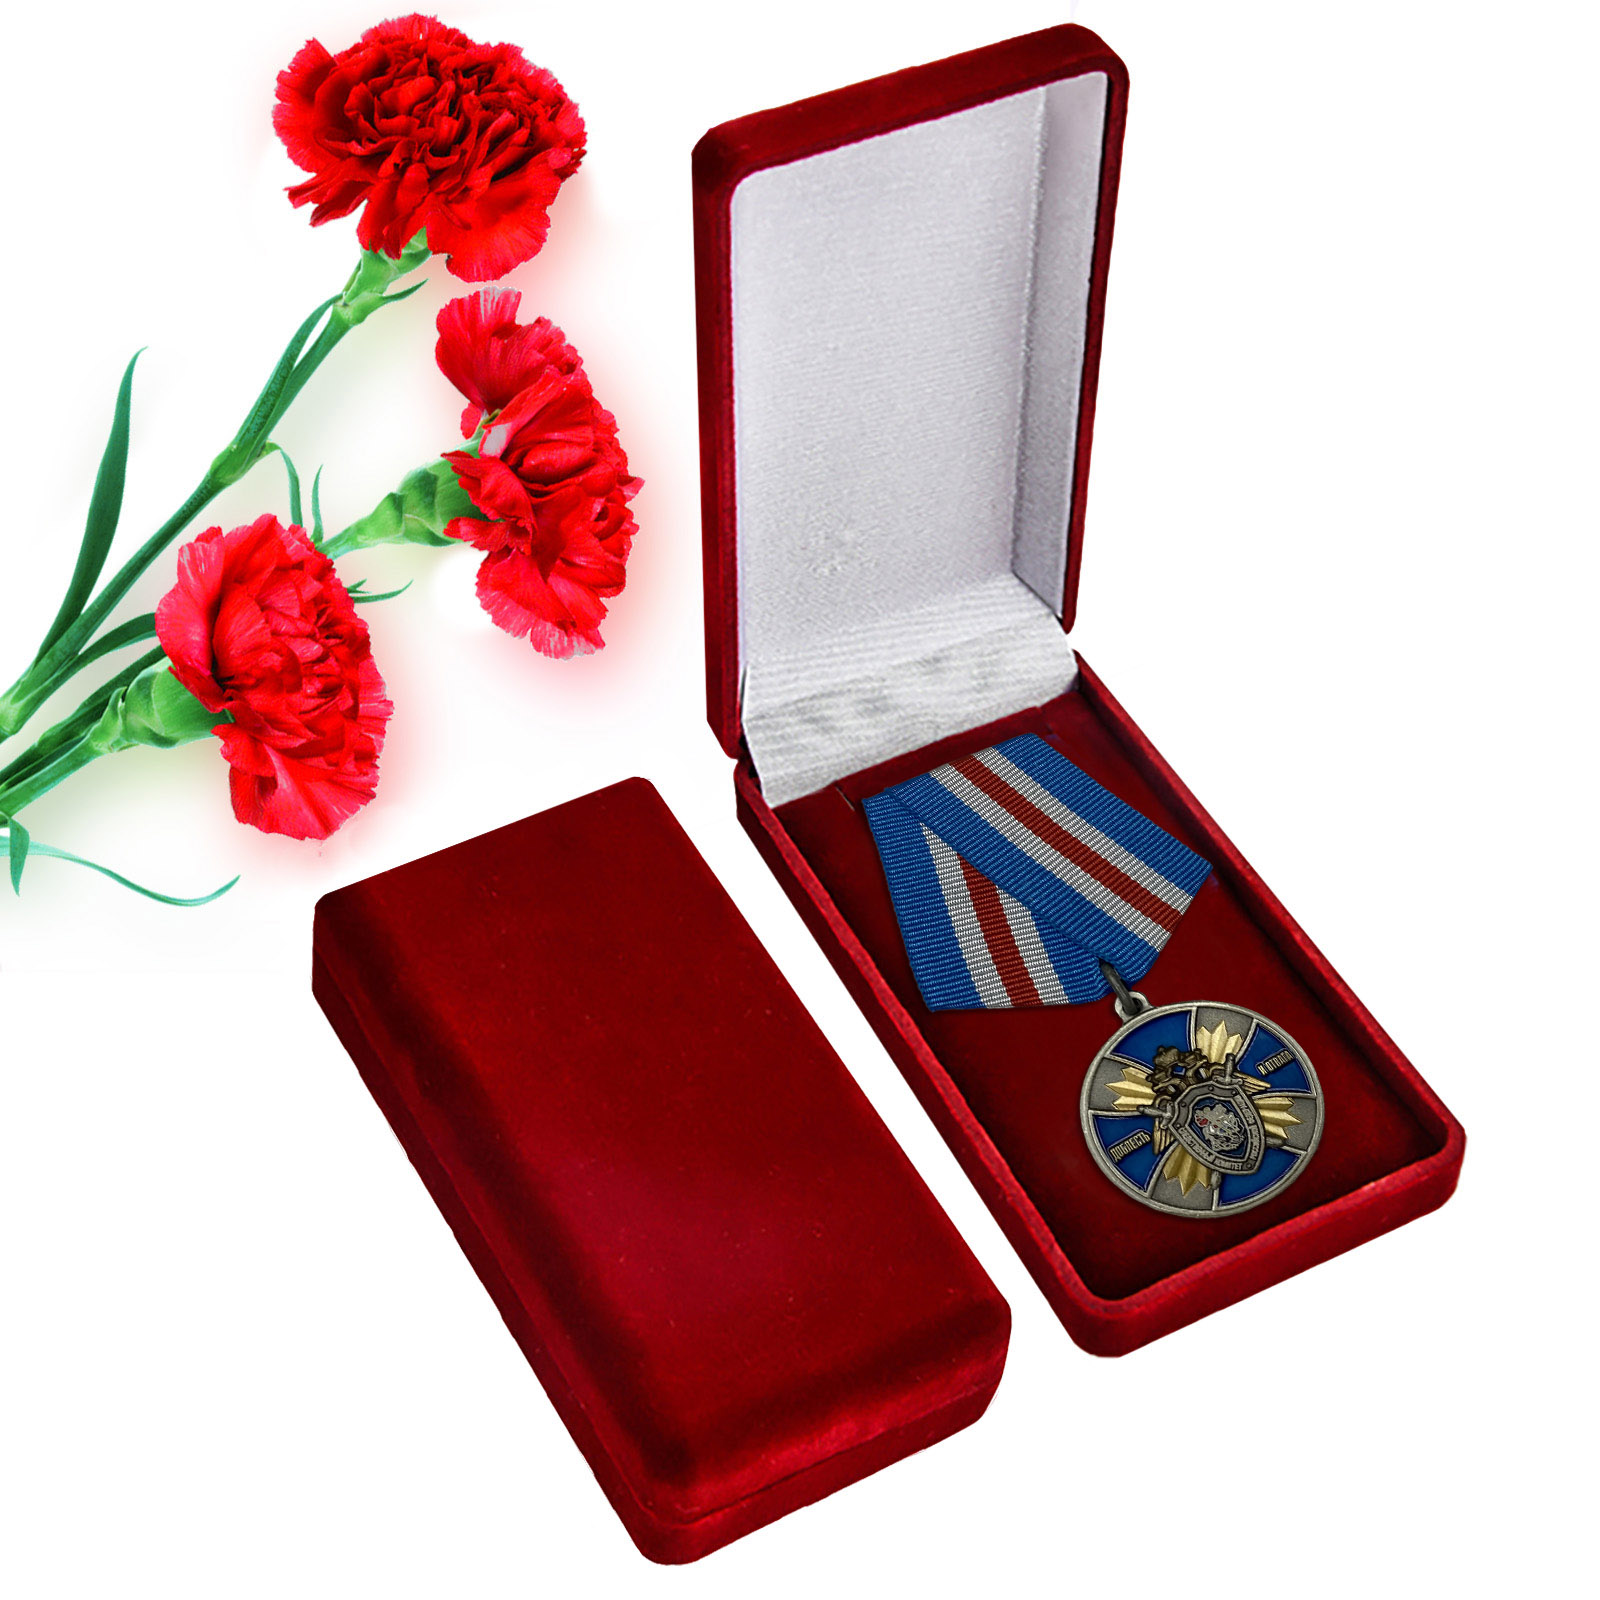 Купить медаль СК России Доблесть и отвага онлайн выгодно